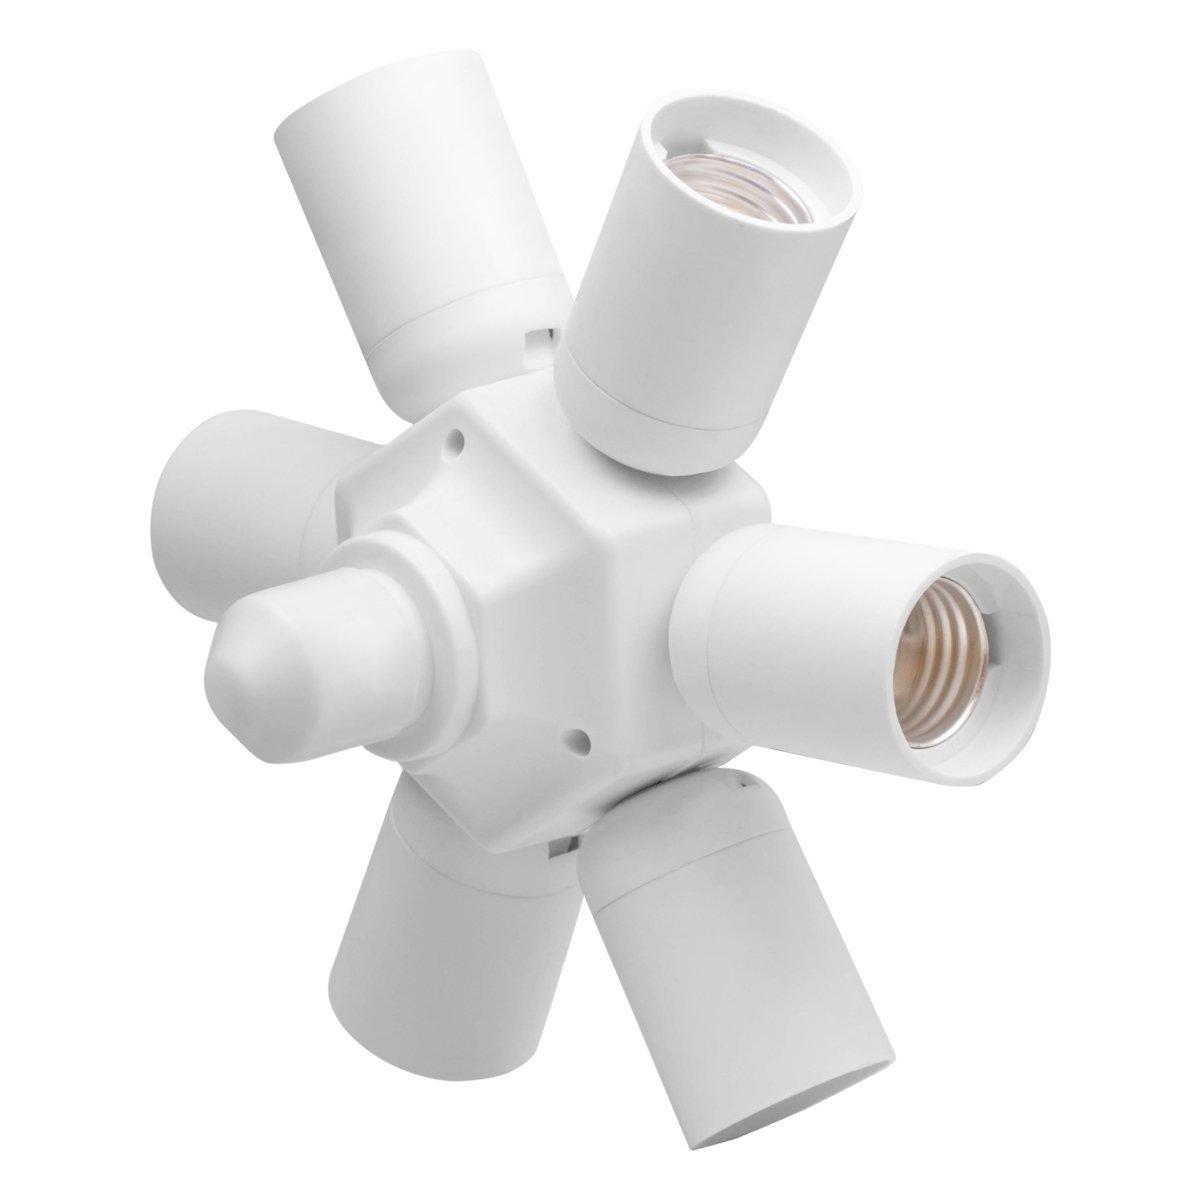 8T8 Level LED Light Socket Adapter Splitter, Lamp Holder Converter for Standard E26 E27 Bulbs Home Commercial Lighting (Flat_7)